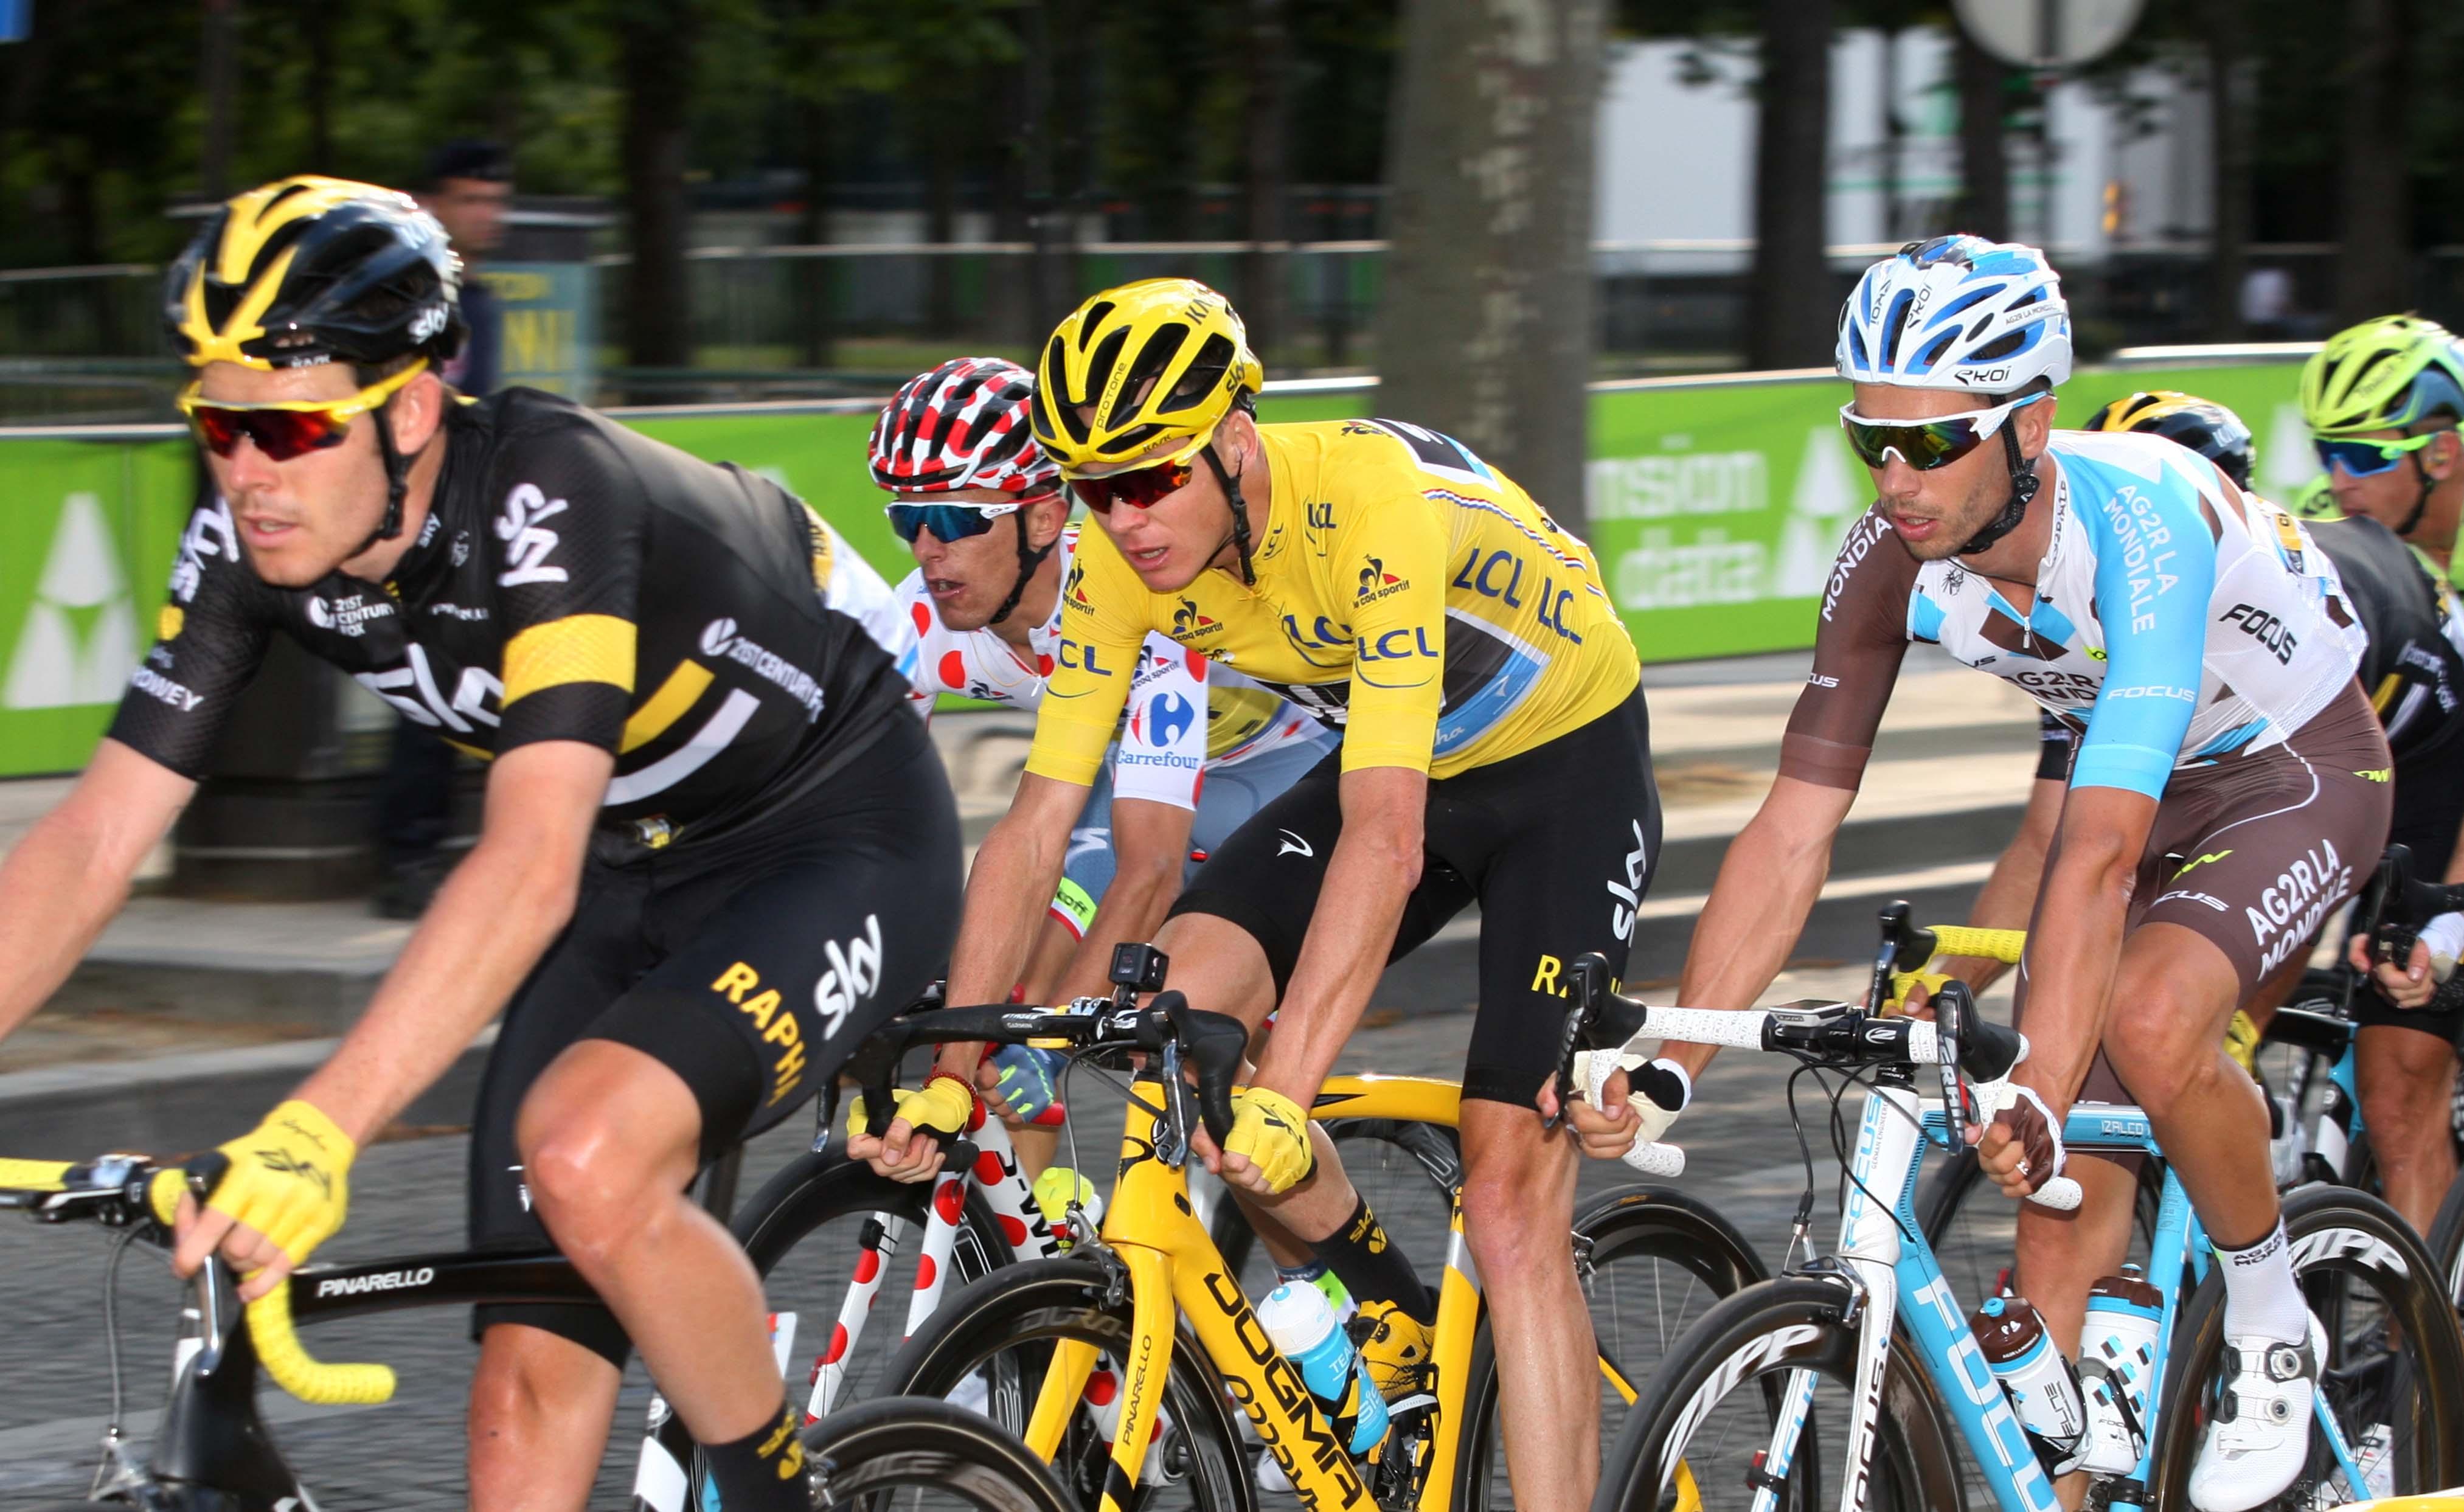 Cyclists in Rapha gear